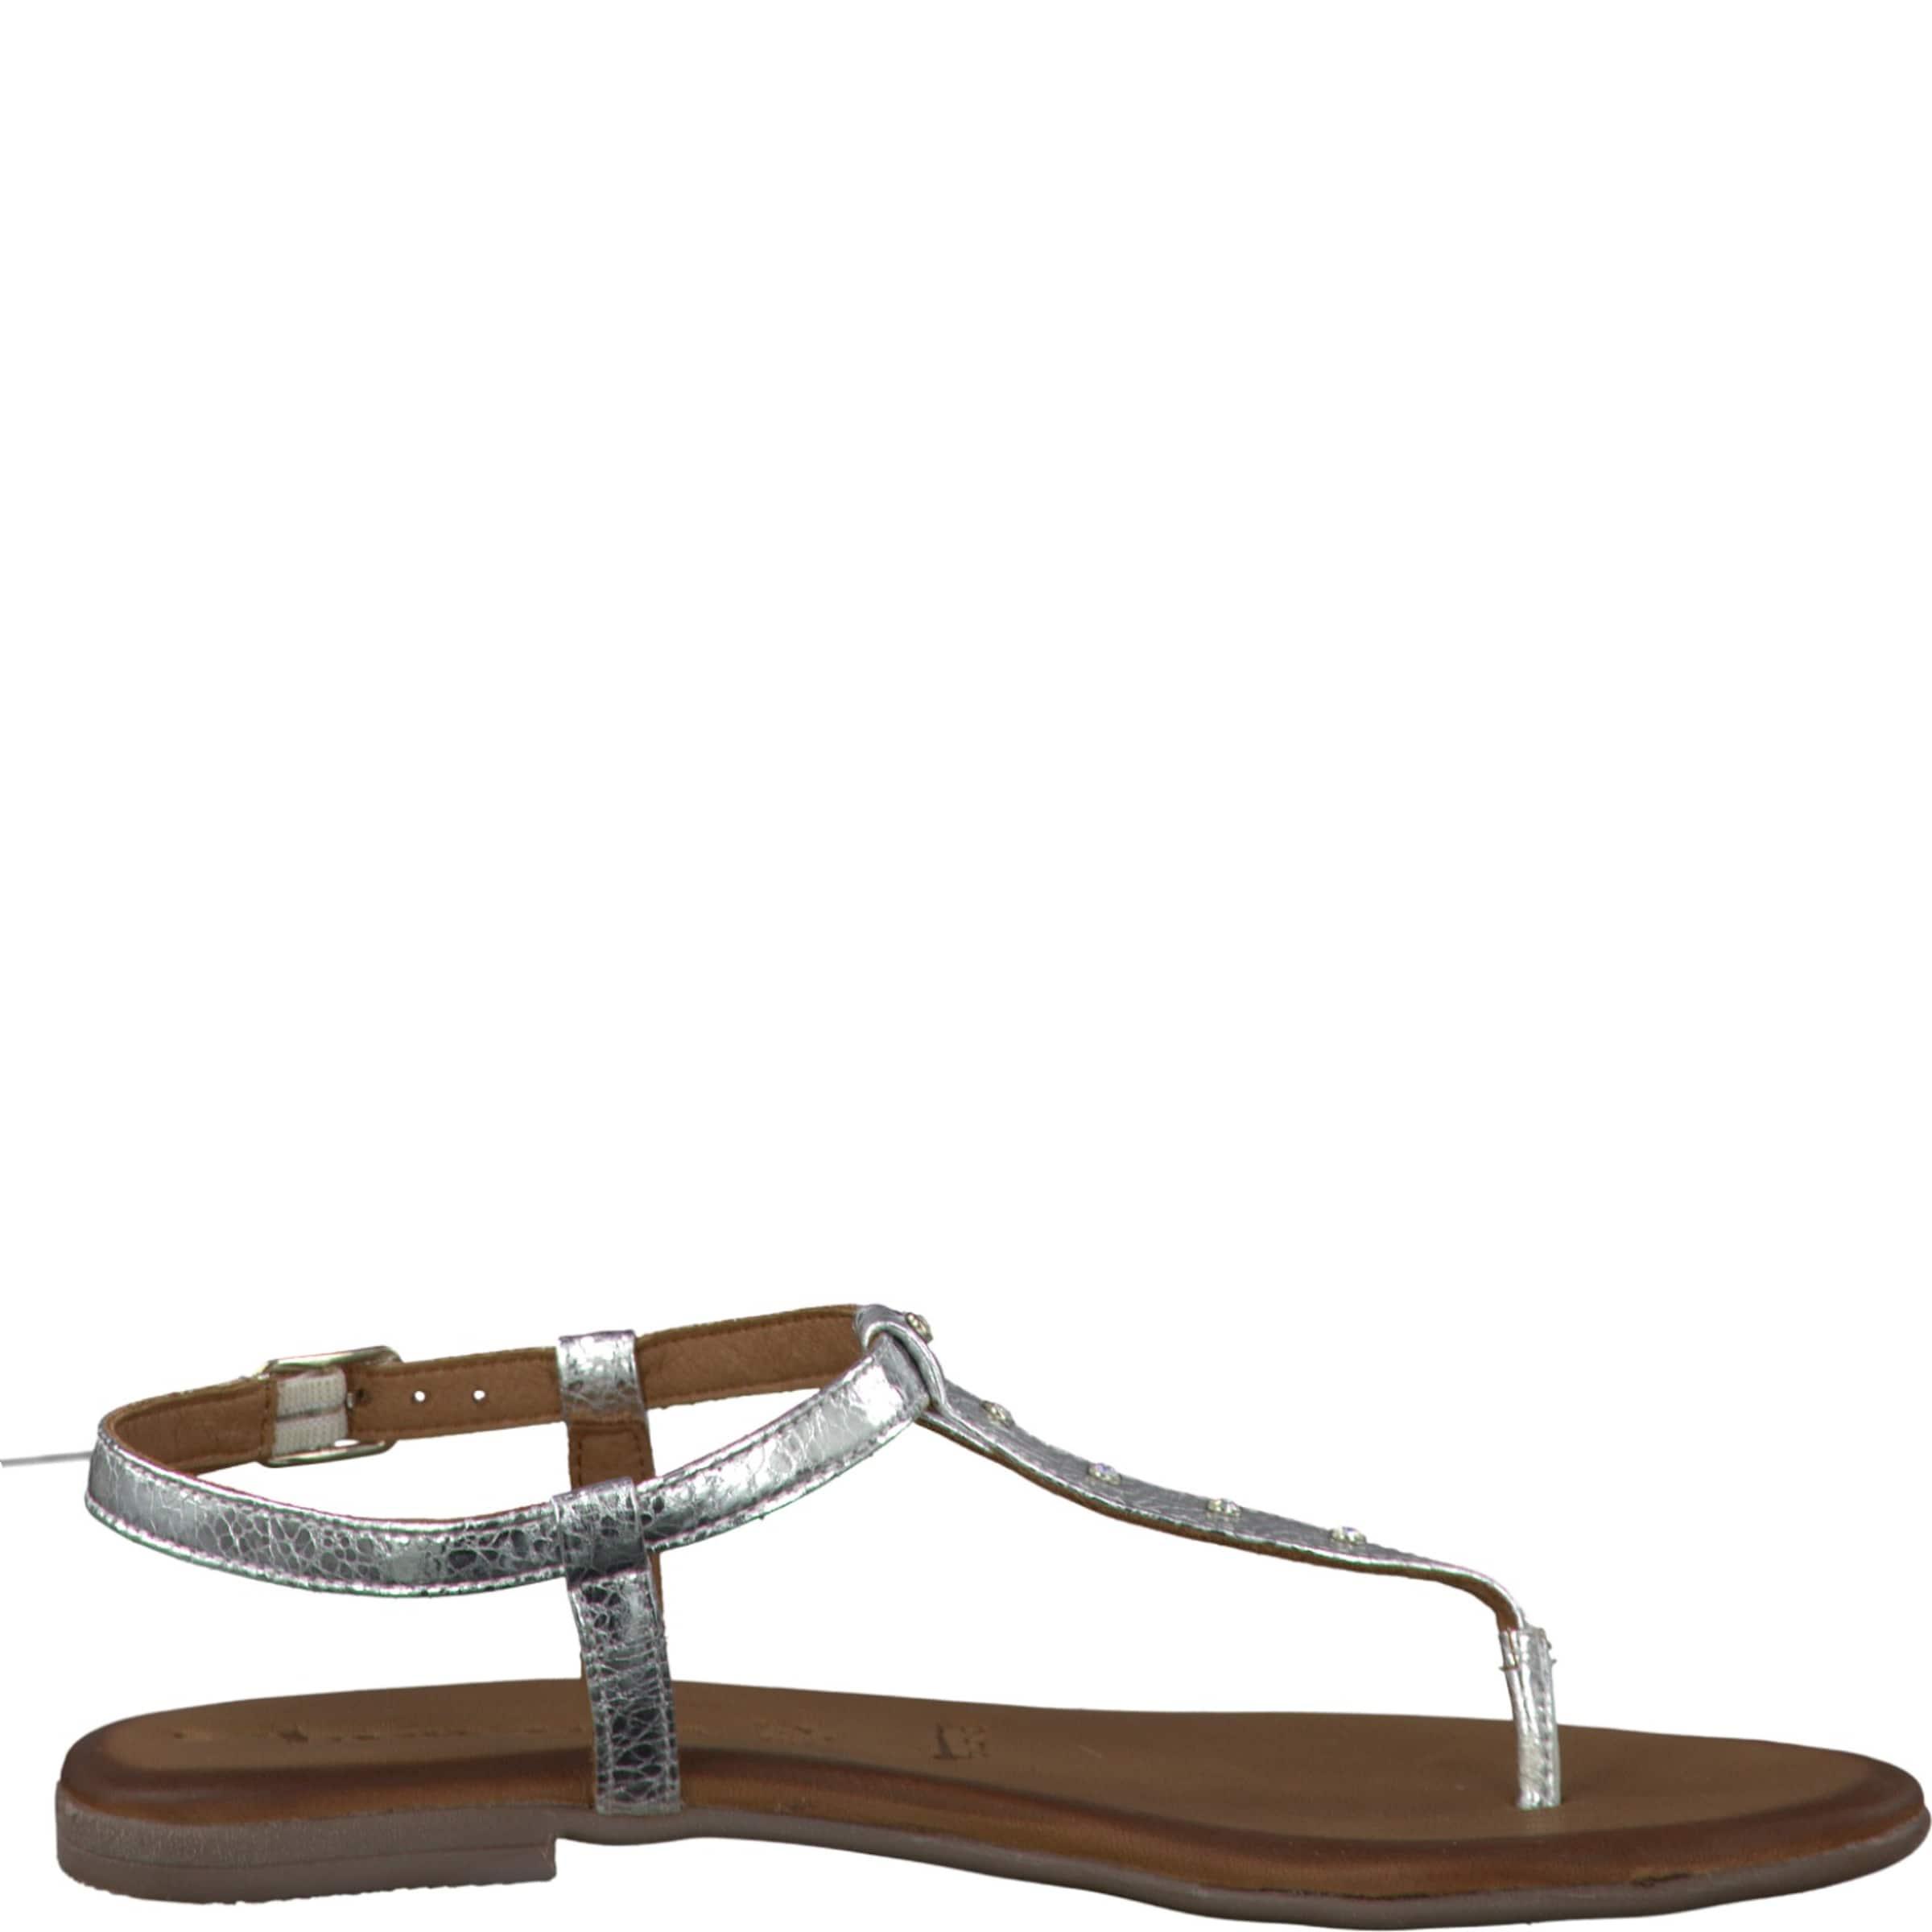 Preiswerte Reale Finish TAMARIS Zehentrenner-Sandale Billig Verkauf Zum Verkauf Erscheinungsdaten Verkauf Online Shop Für Verkauf Freies Verschiffen Heißen Verkauf Q6WxZfZRj